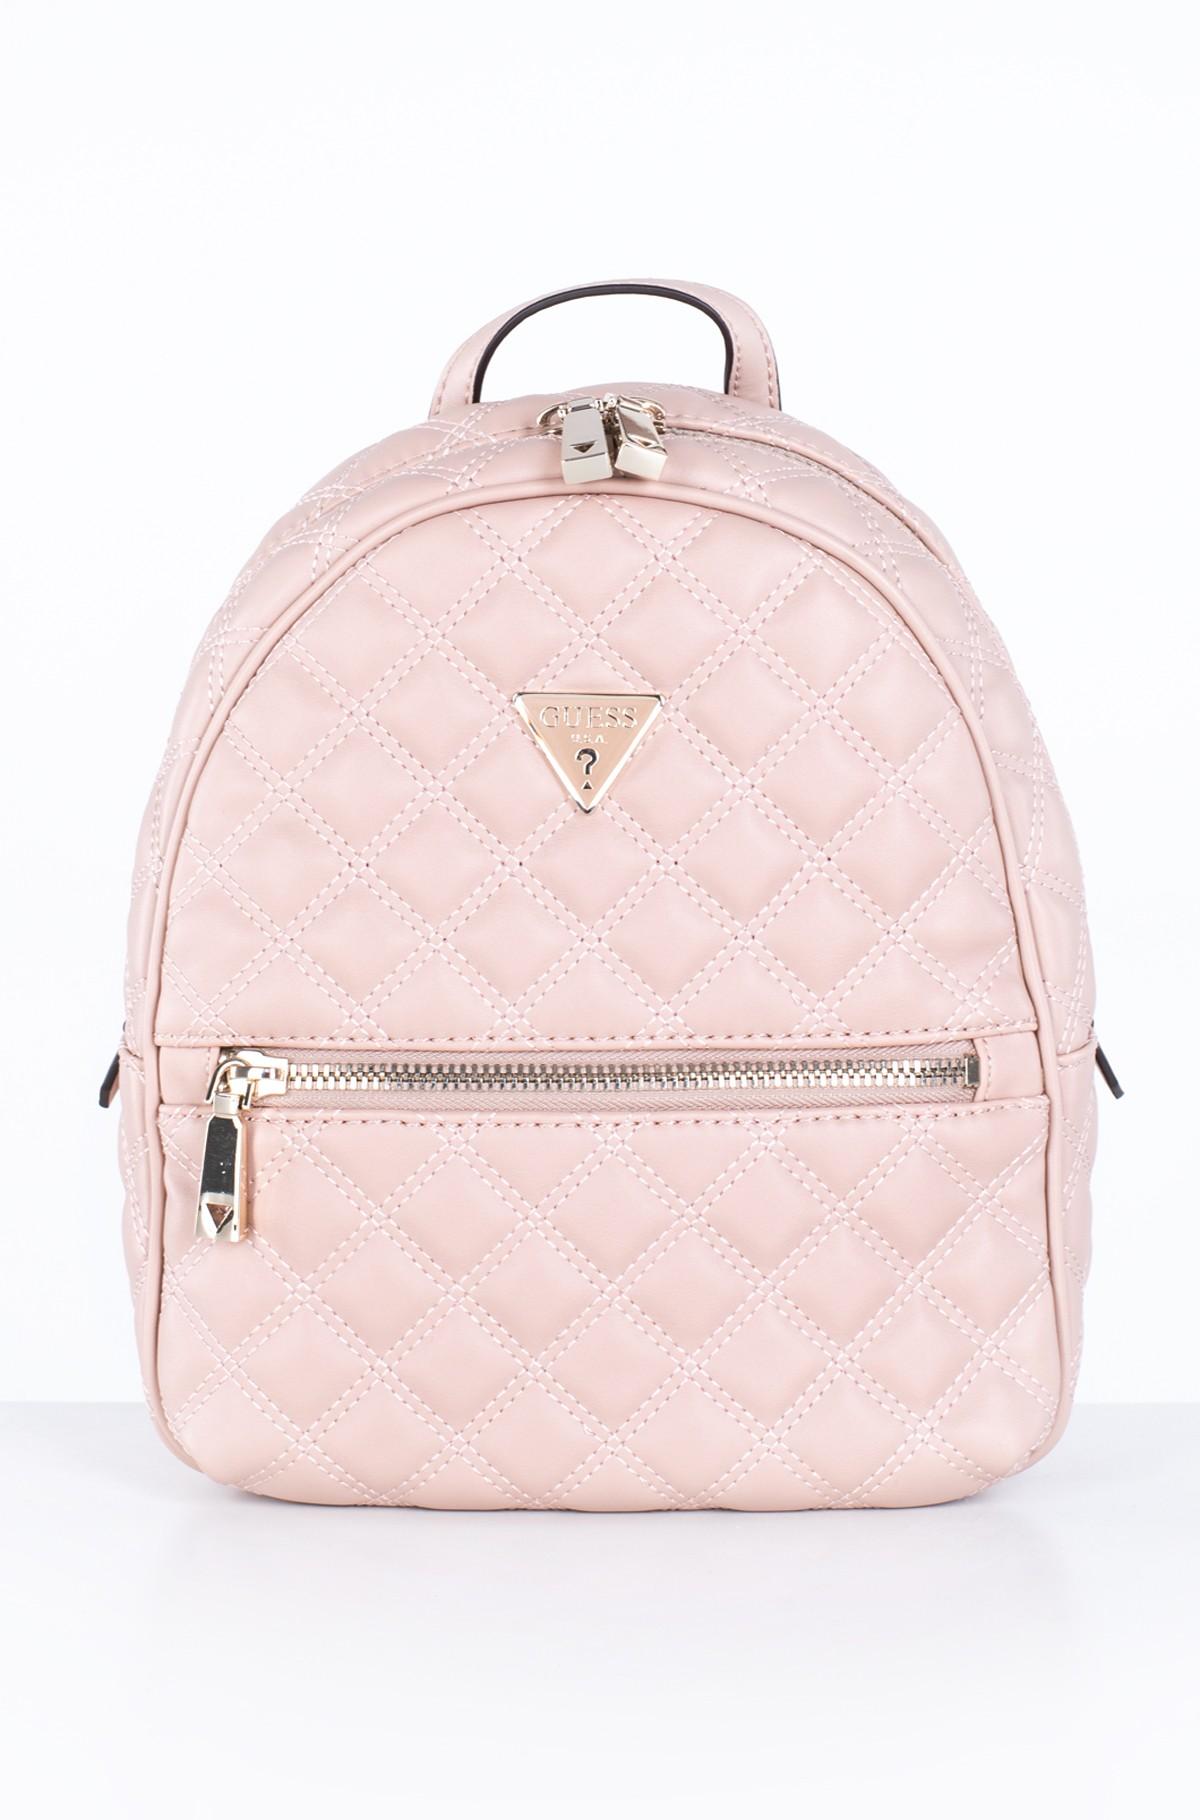 Backbag HWEV76 79320-full-2